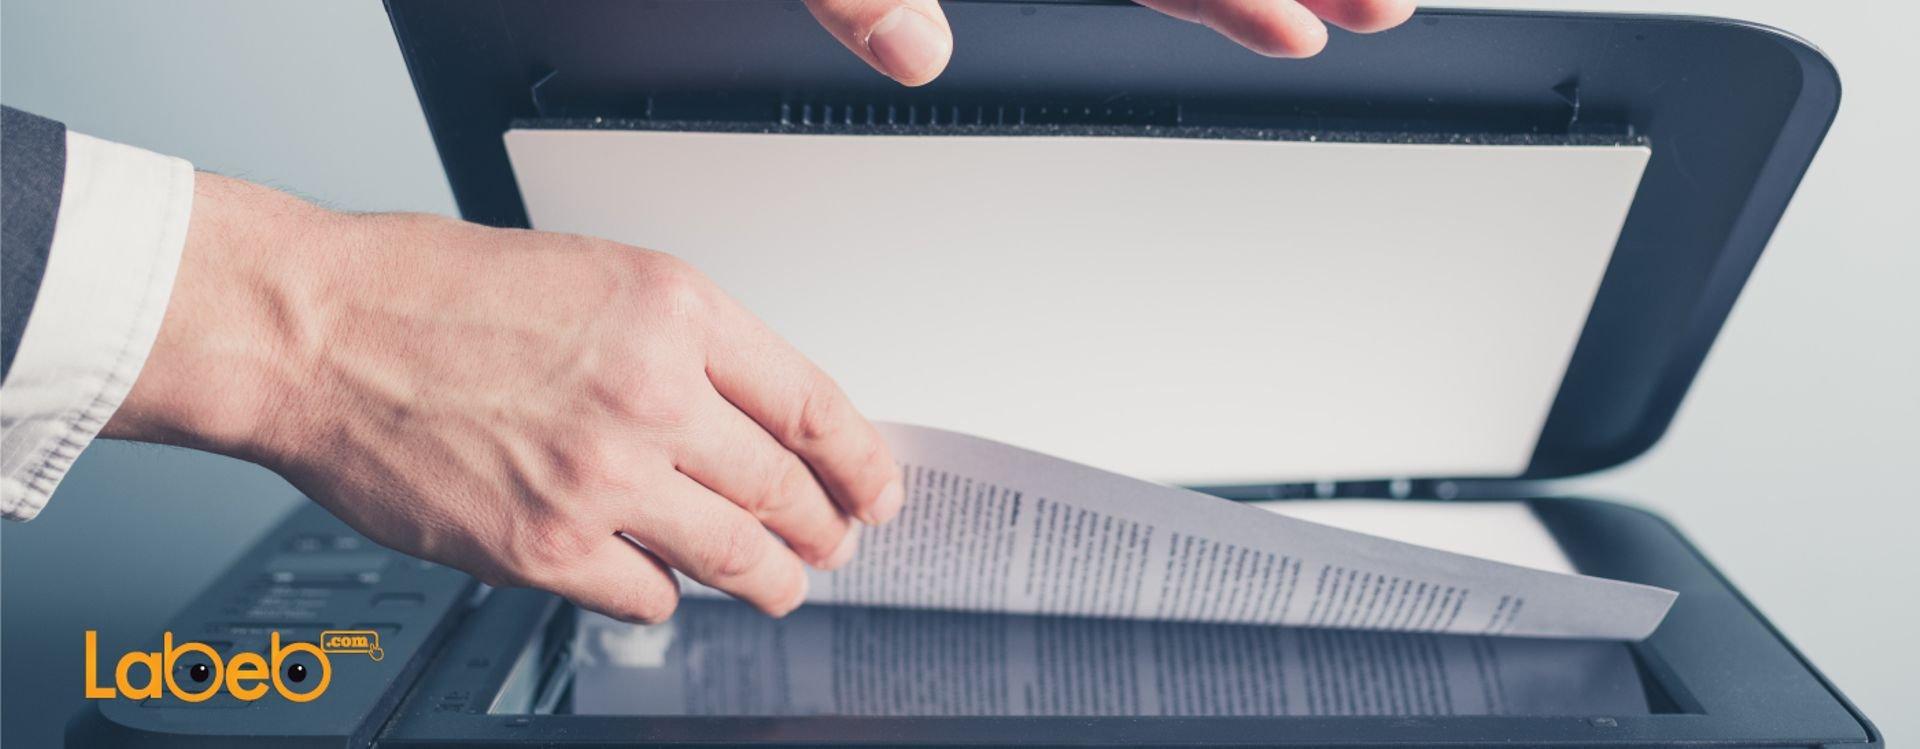 السكنر أحد أهم الأجهزة التي تحتاجها الشركات والمكاتب